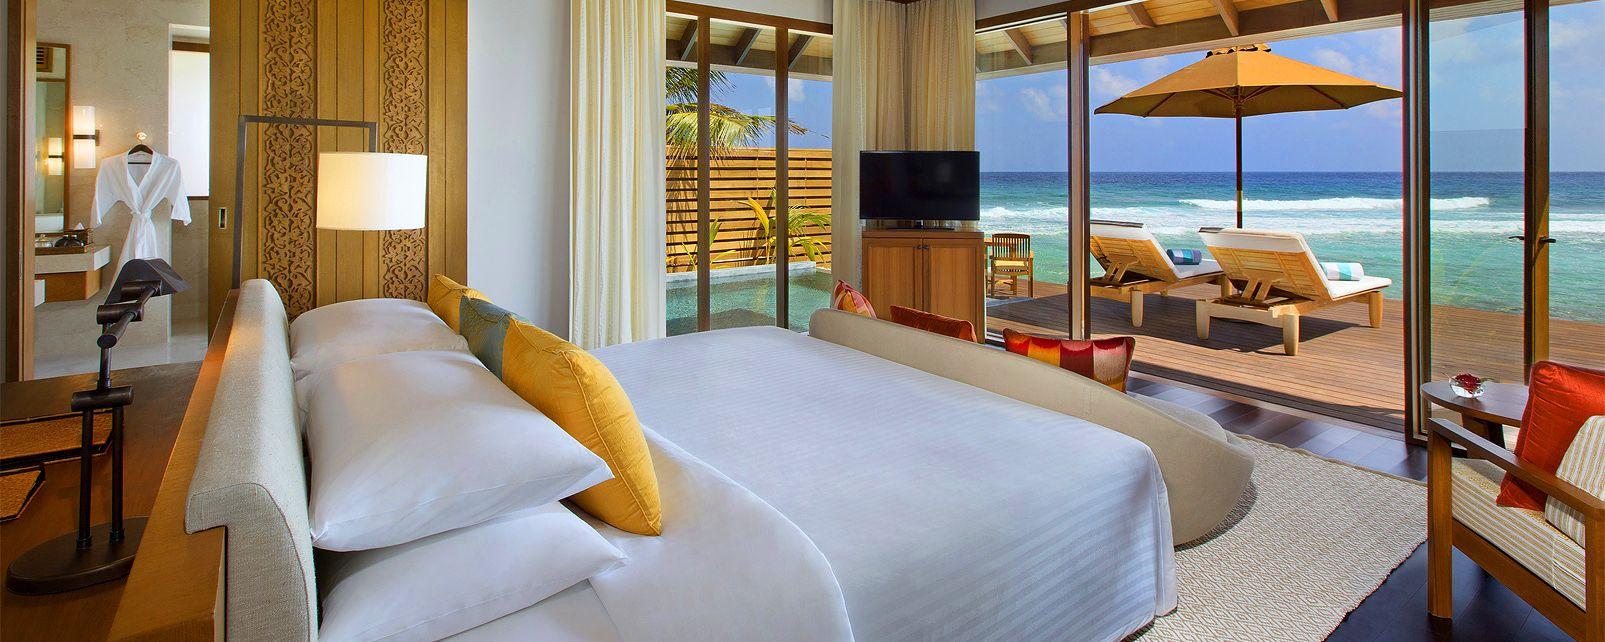 Hôtel Anantara Veli Maldives Resort